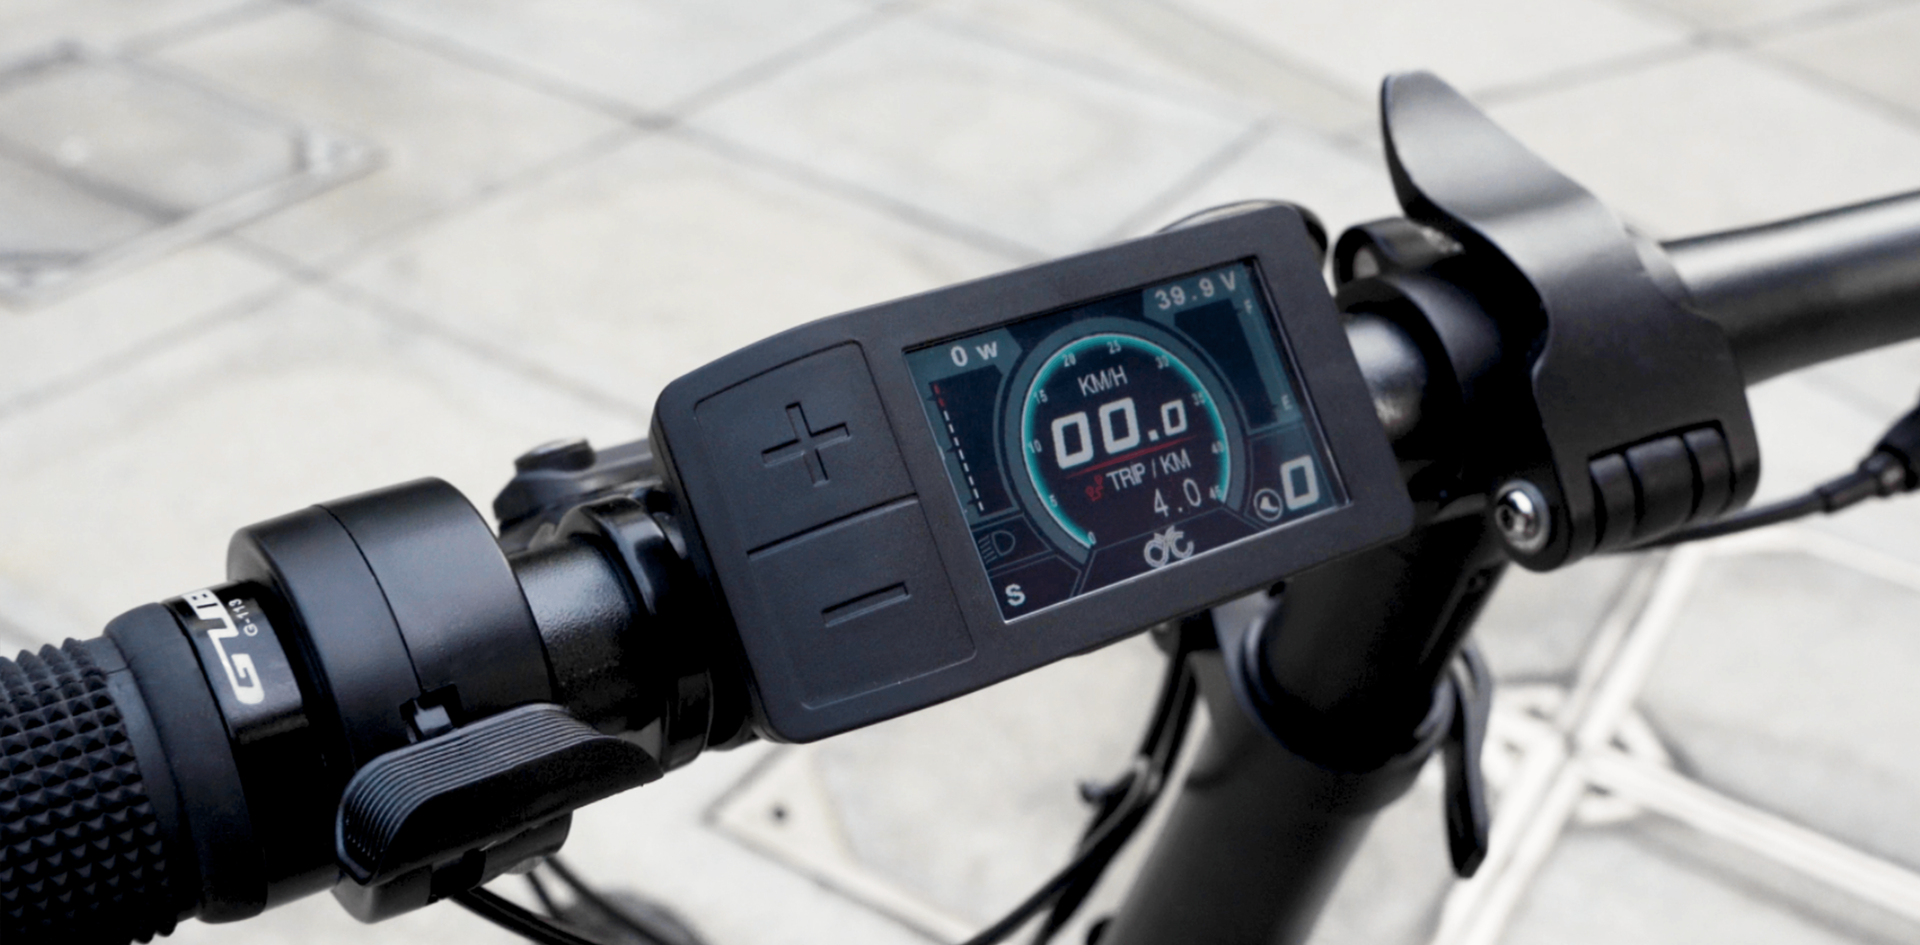 CYC Motor 500c display & thumb throttle